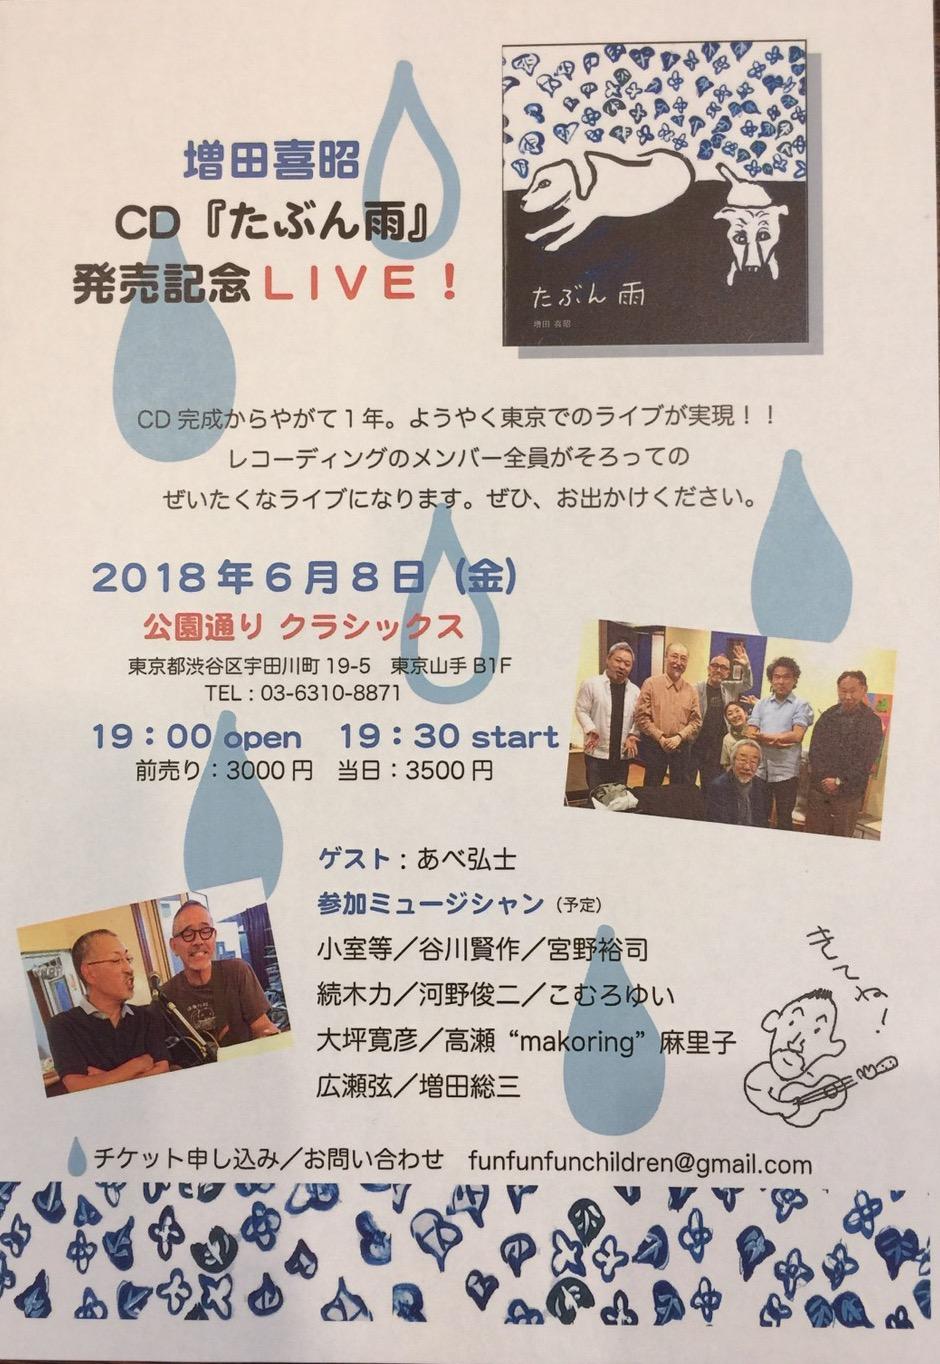 増田喜昭 CD『たぶん雨』発売記念LIVE!